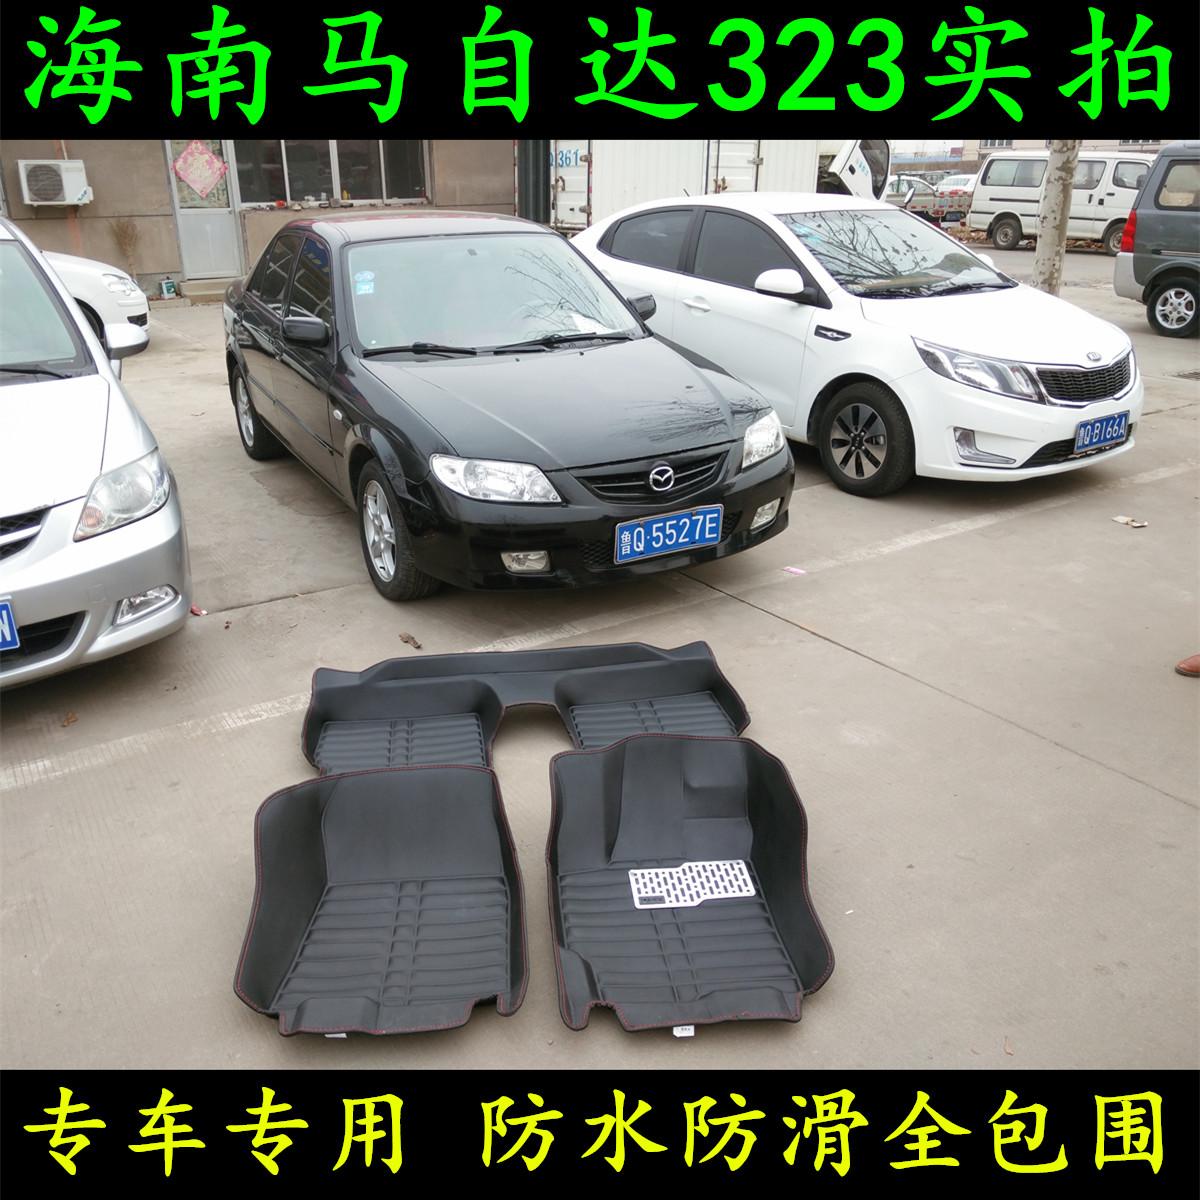 Коврики для автомобиля Jin Jieyu 323 323 323 sitemap 323 xml